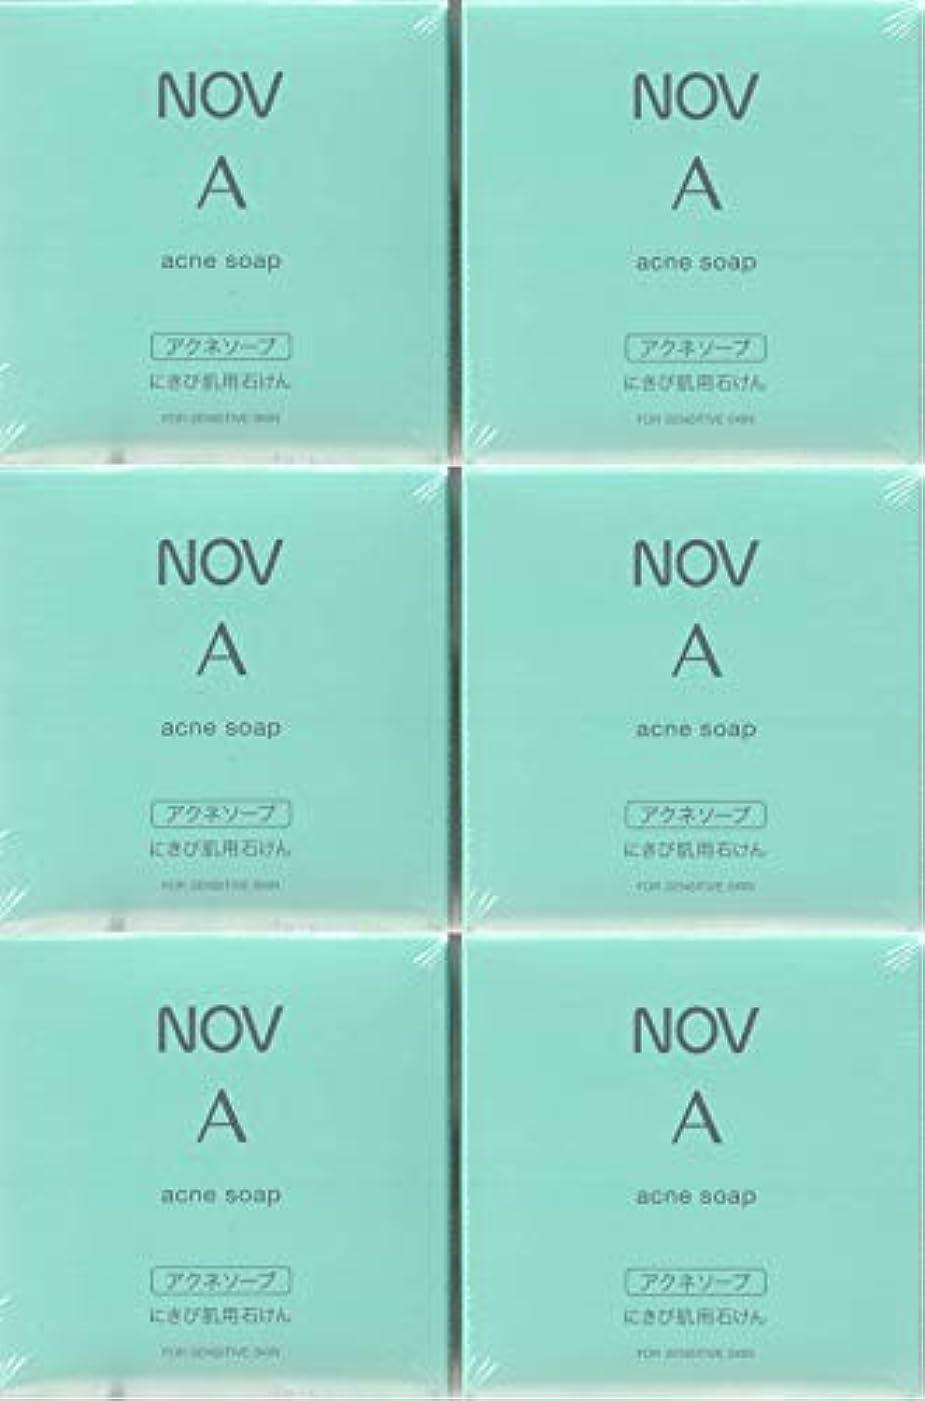 アセ何人種ノブ A アクネソープ 70g×6箱セット <にきび肌用枠練石けん>